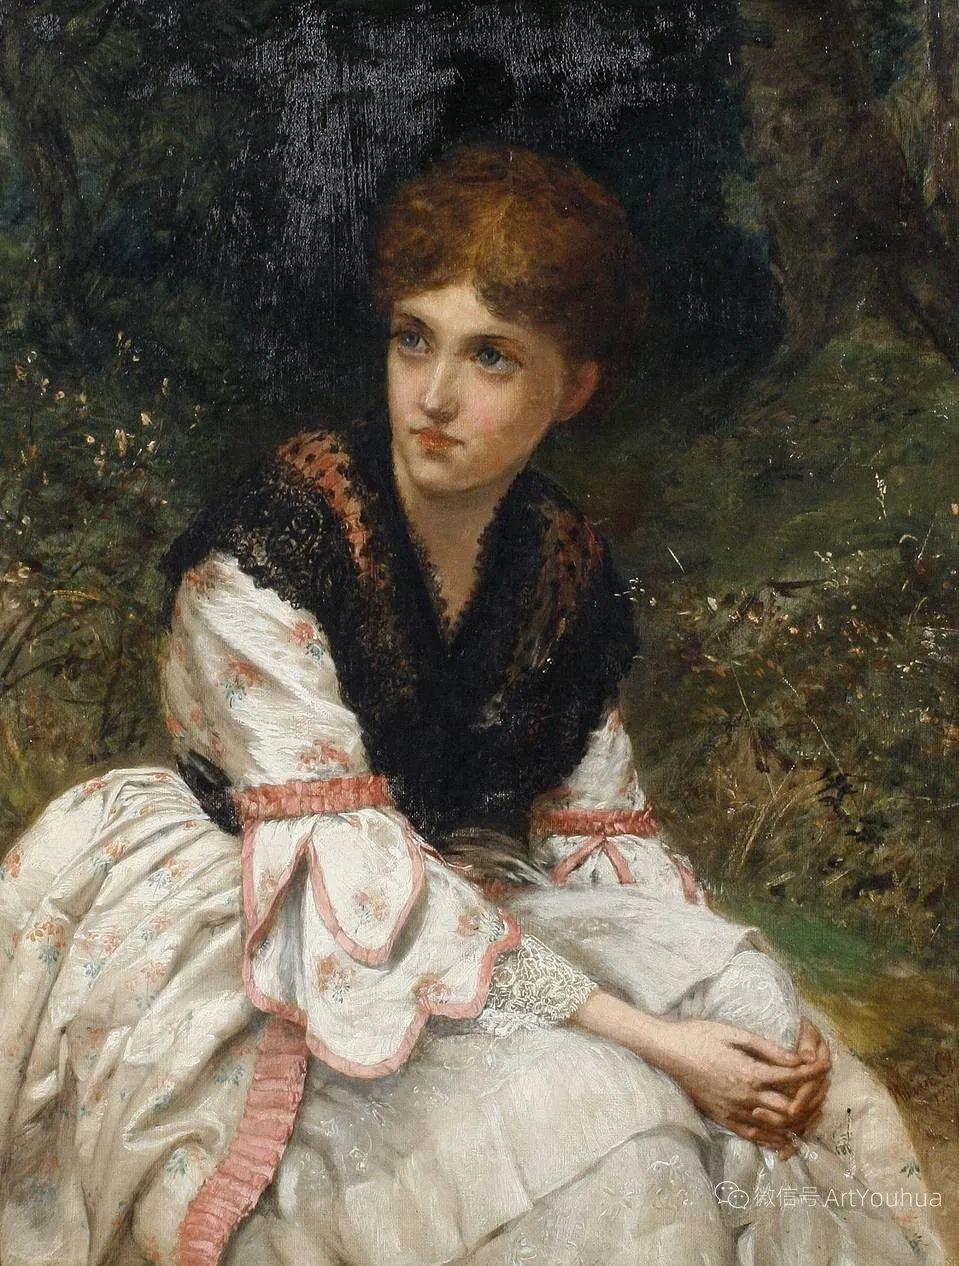 纯情与美丽,英国画家威廉·奥利弗作品选插图31